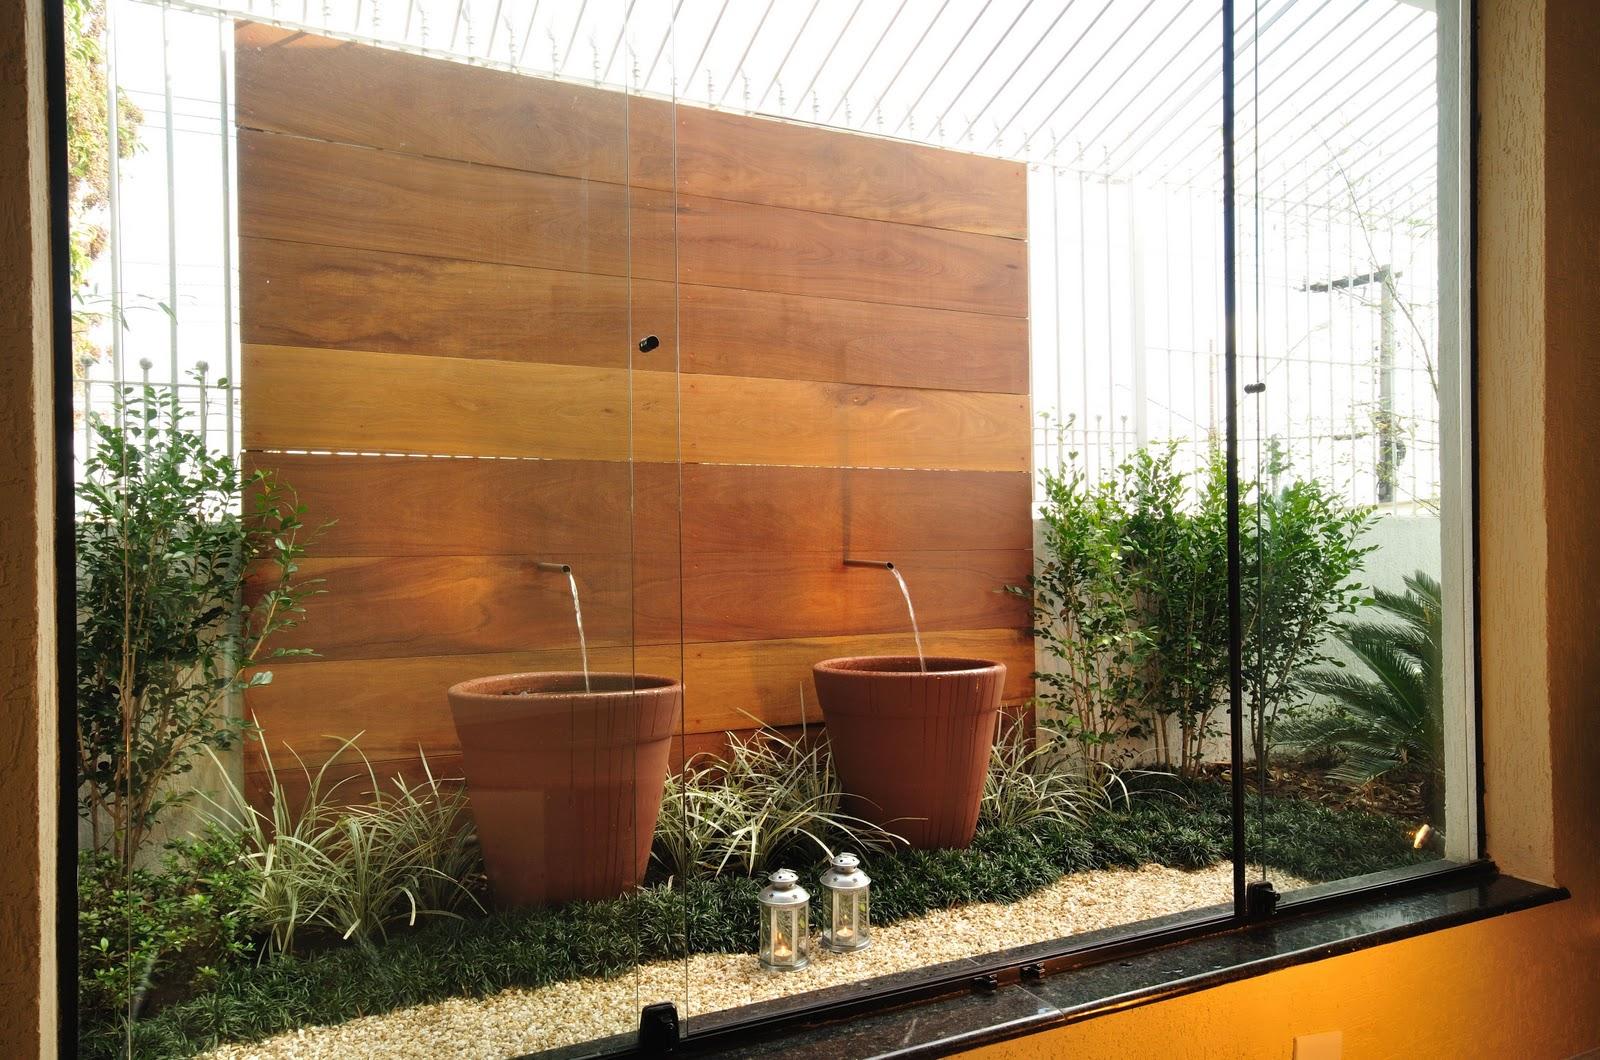 Neste caso, uma fonte mais contemporânea usada em jardins de inverno